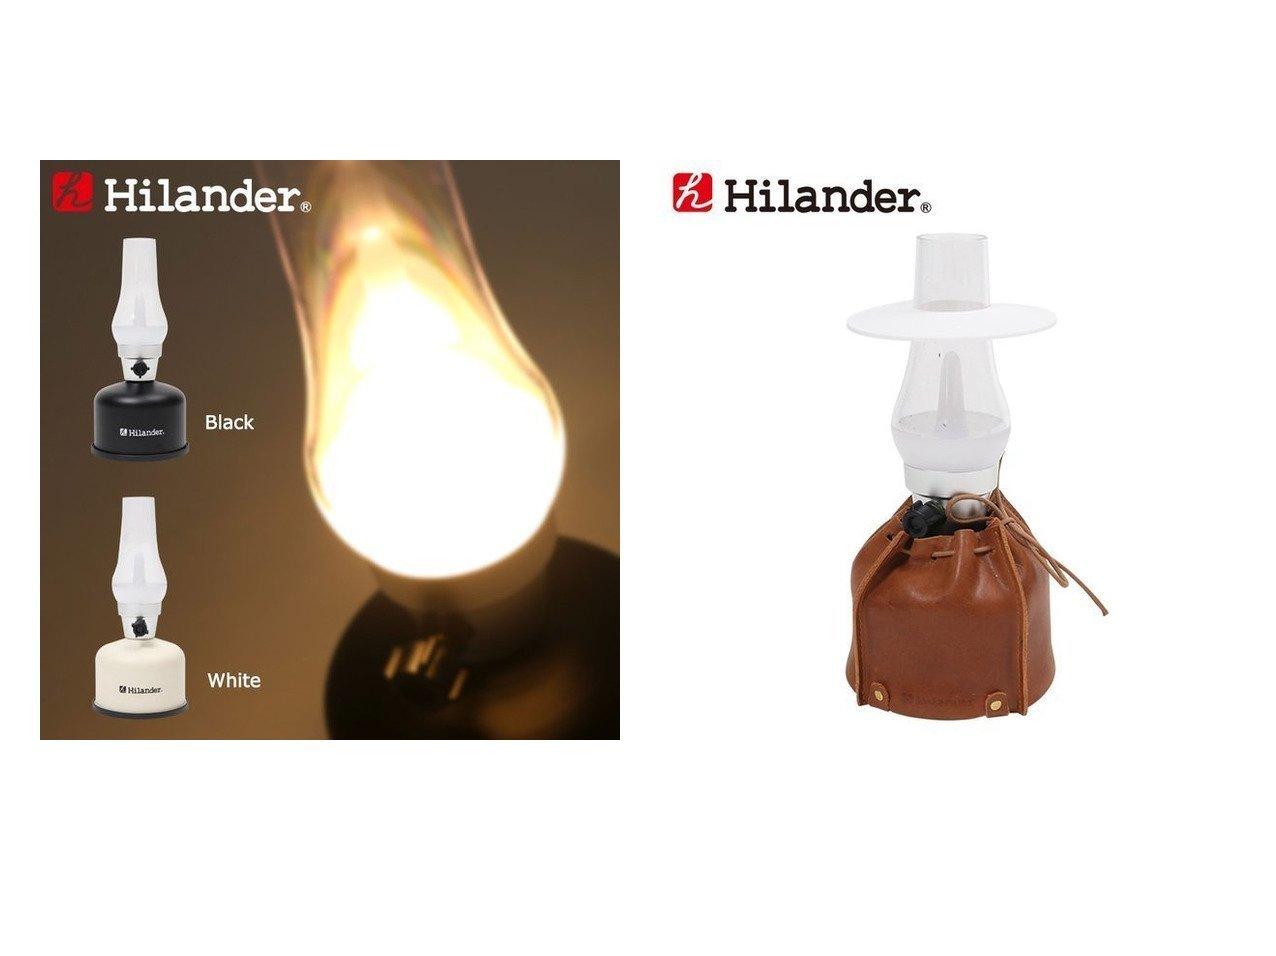 【Hilander/ハイランダー】のキャンドル風LEDランタン&LEDランタン用 レザーカバー(OD缶対応) 【LEDランタン お家時間】おすすめ!人気キャンプ・アウトドア用品の通販 おすすめで人気の流行・トレンド、ファッションの通販商品 インテリア・家具・メンズファッション・キッズファッション・レディースファッション・服の通販 founy(ファニー) https://founy.com/ アウトドア アクセサリー ホーム・キャンプ・アウトドア Home,Garden,Outdoor,Camping Gear キャンプ用品・アウトドア  Camping Gear & Outdoor Supplies ランタン ライト Lantern, Light |ID:crp329100000053687